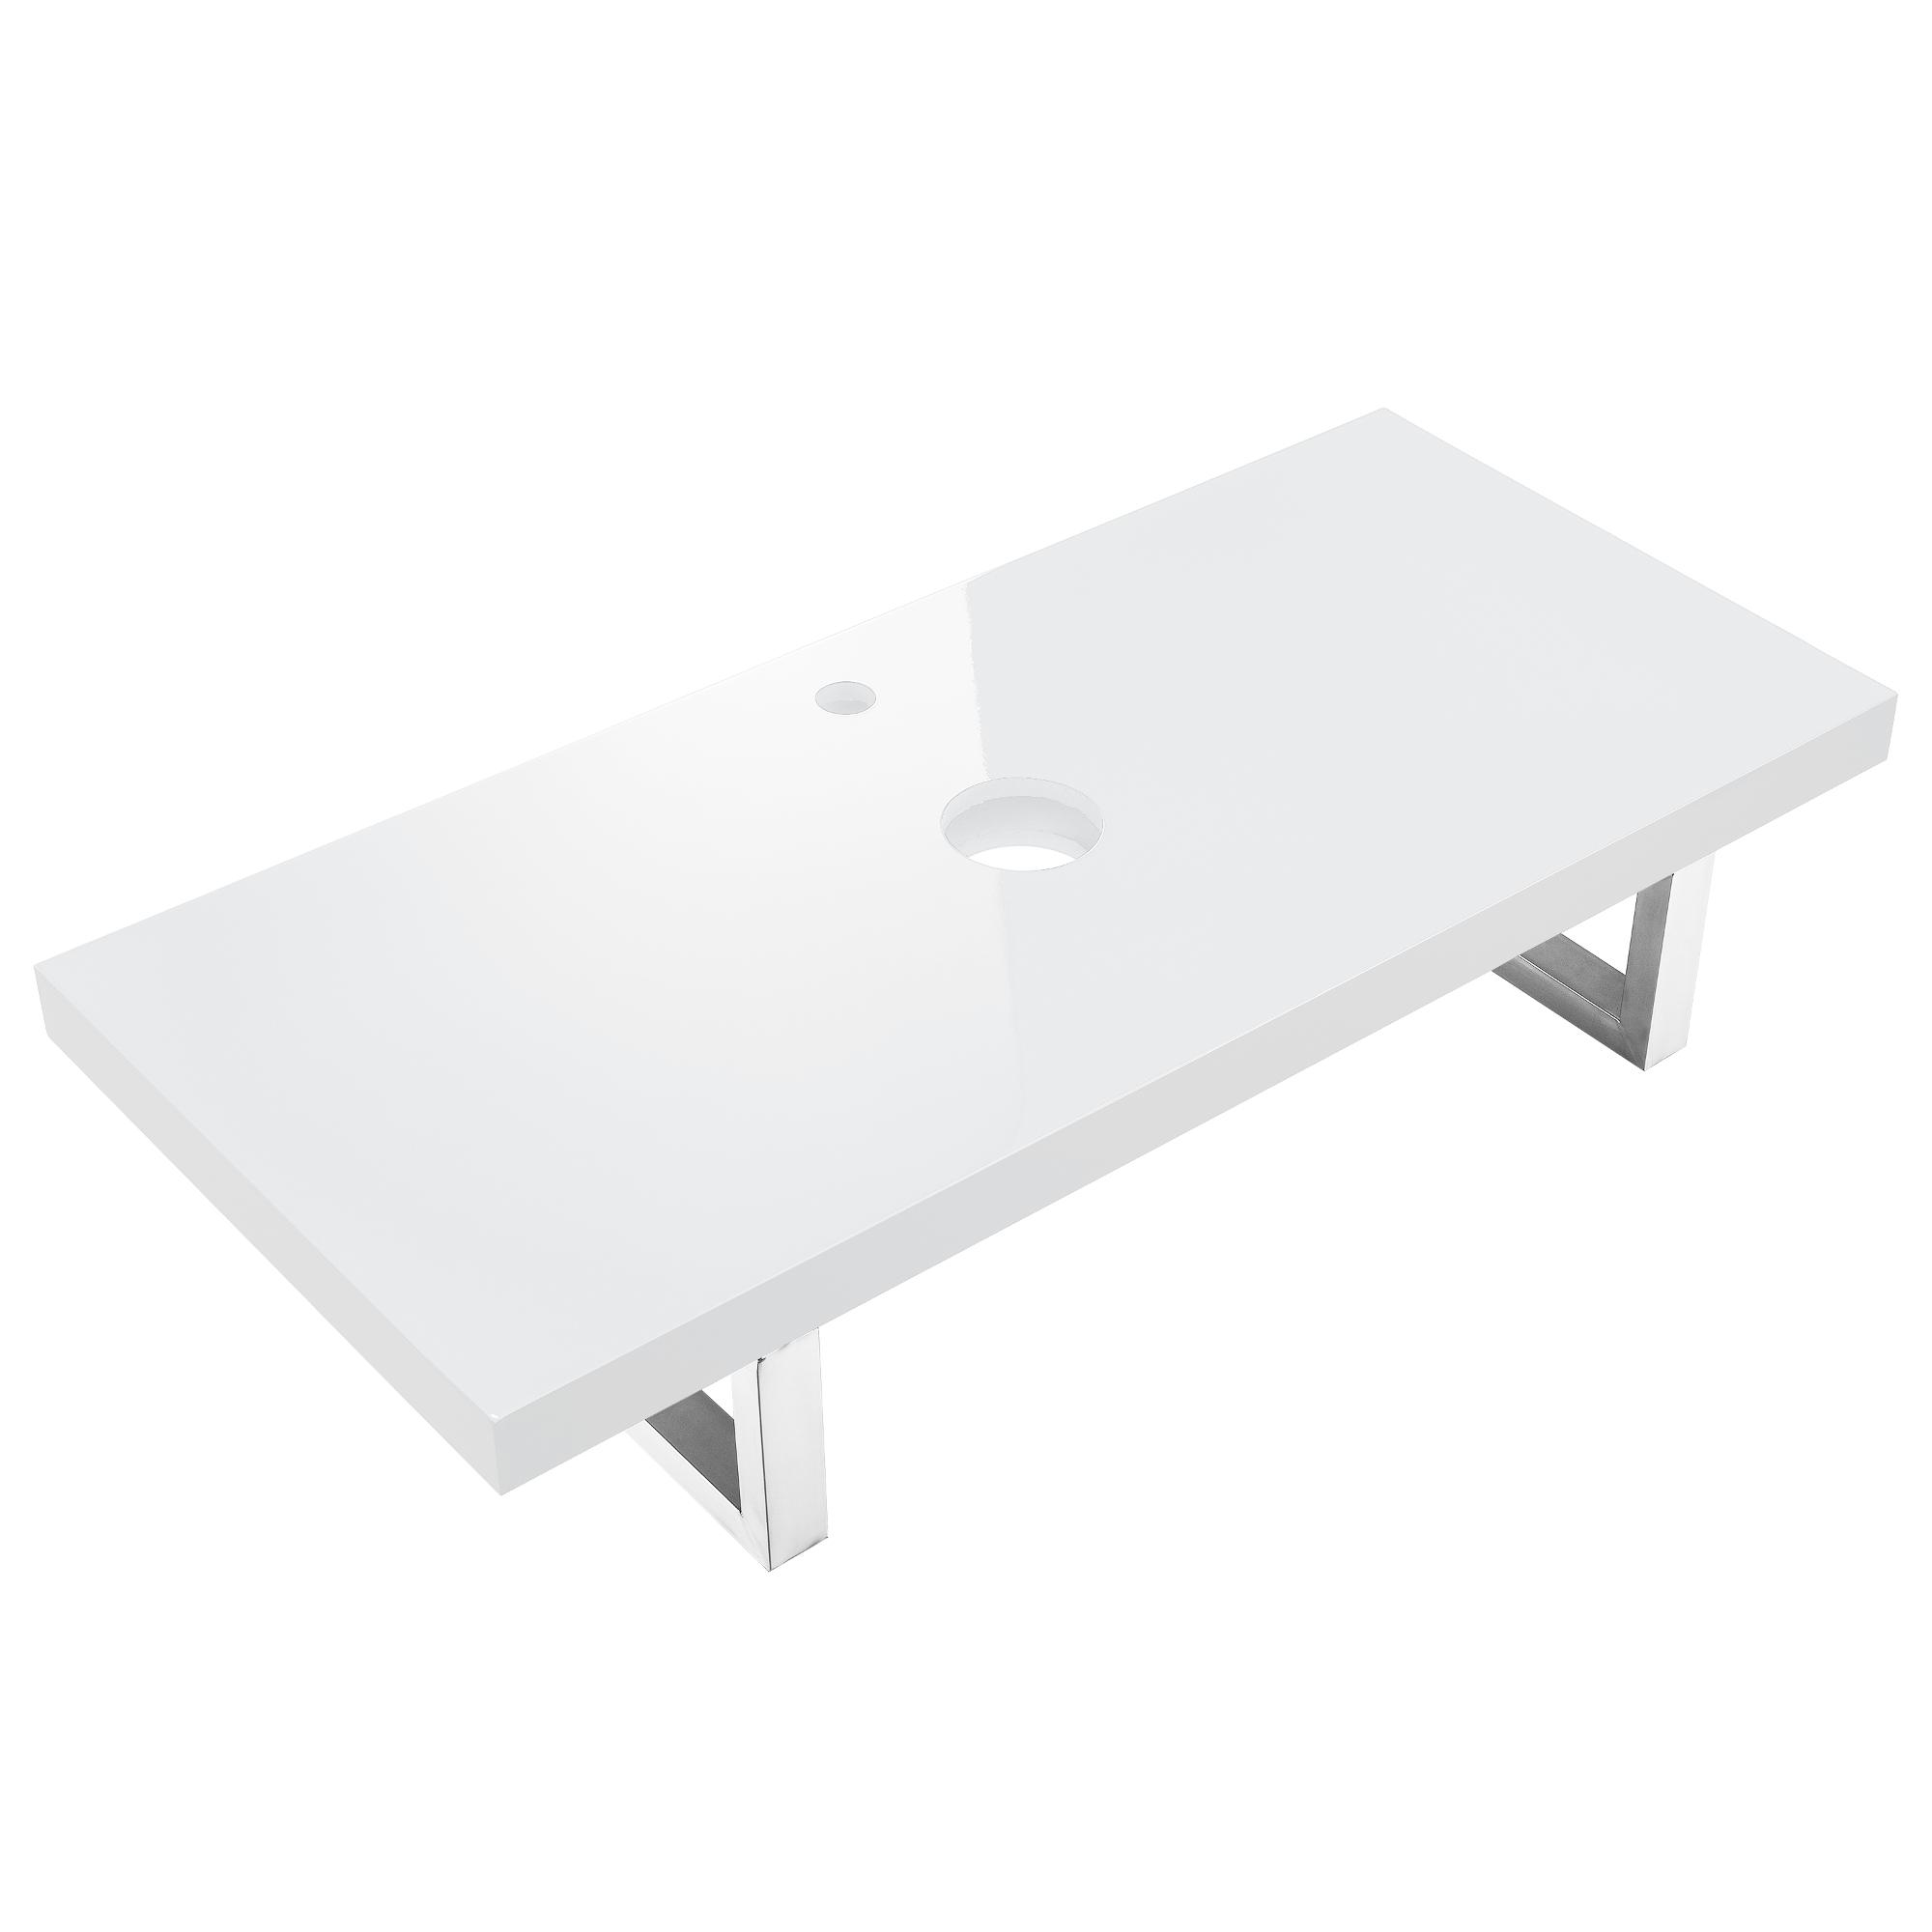 Waschtischplatte mit aufsatzbecken waschtischkonsole wei hochglanz ebay - Waschtischplatte weiay ...